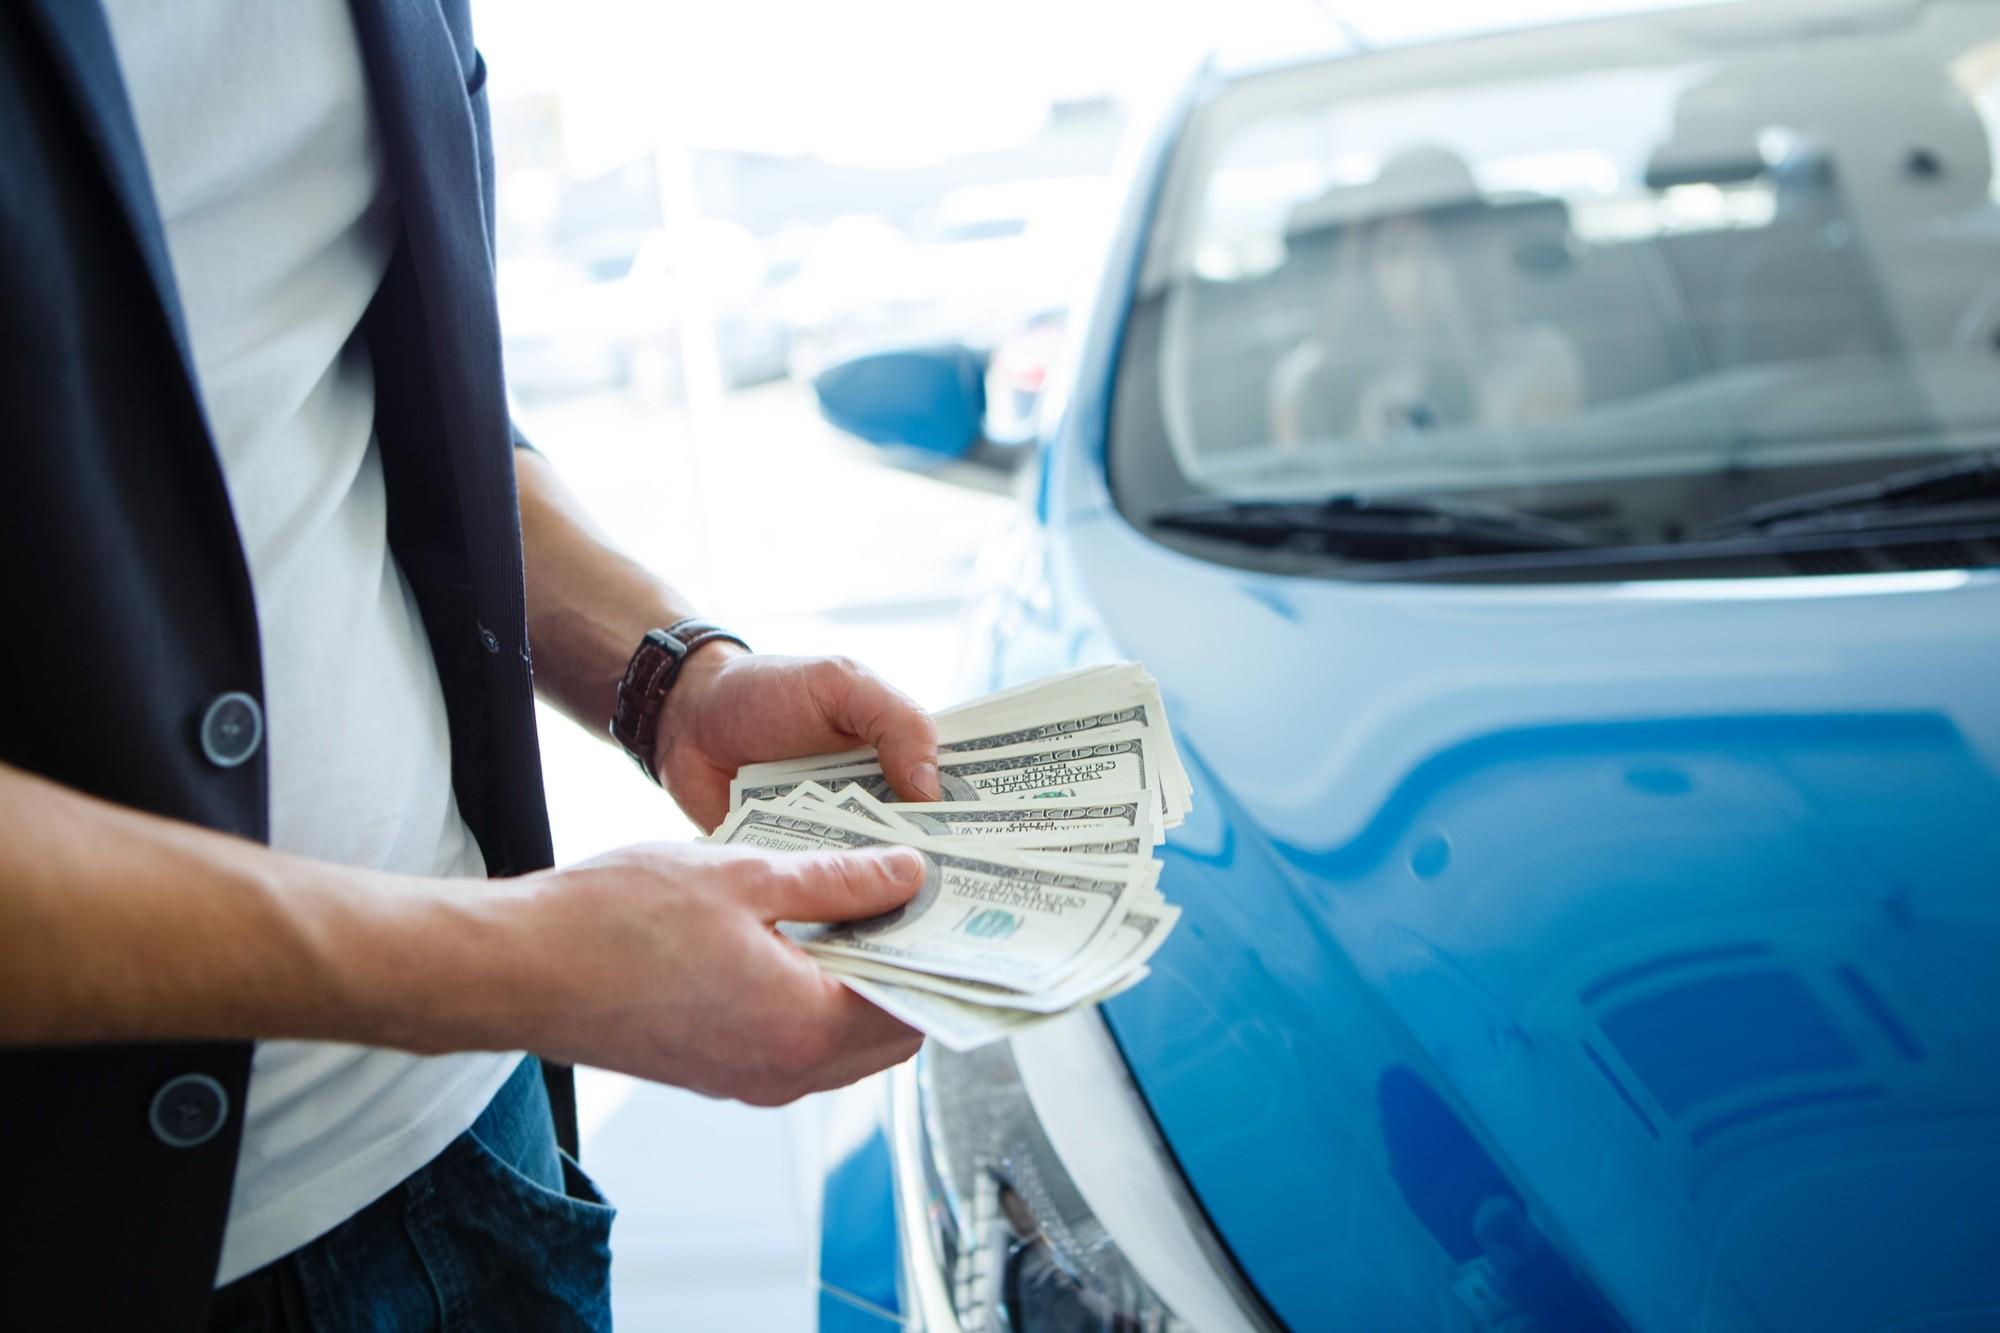 Авто так возврат денег конфискованные залоговые автомобили продажа в челябинске